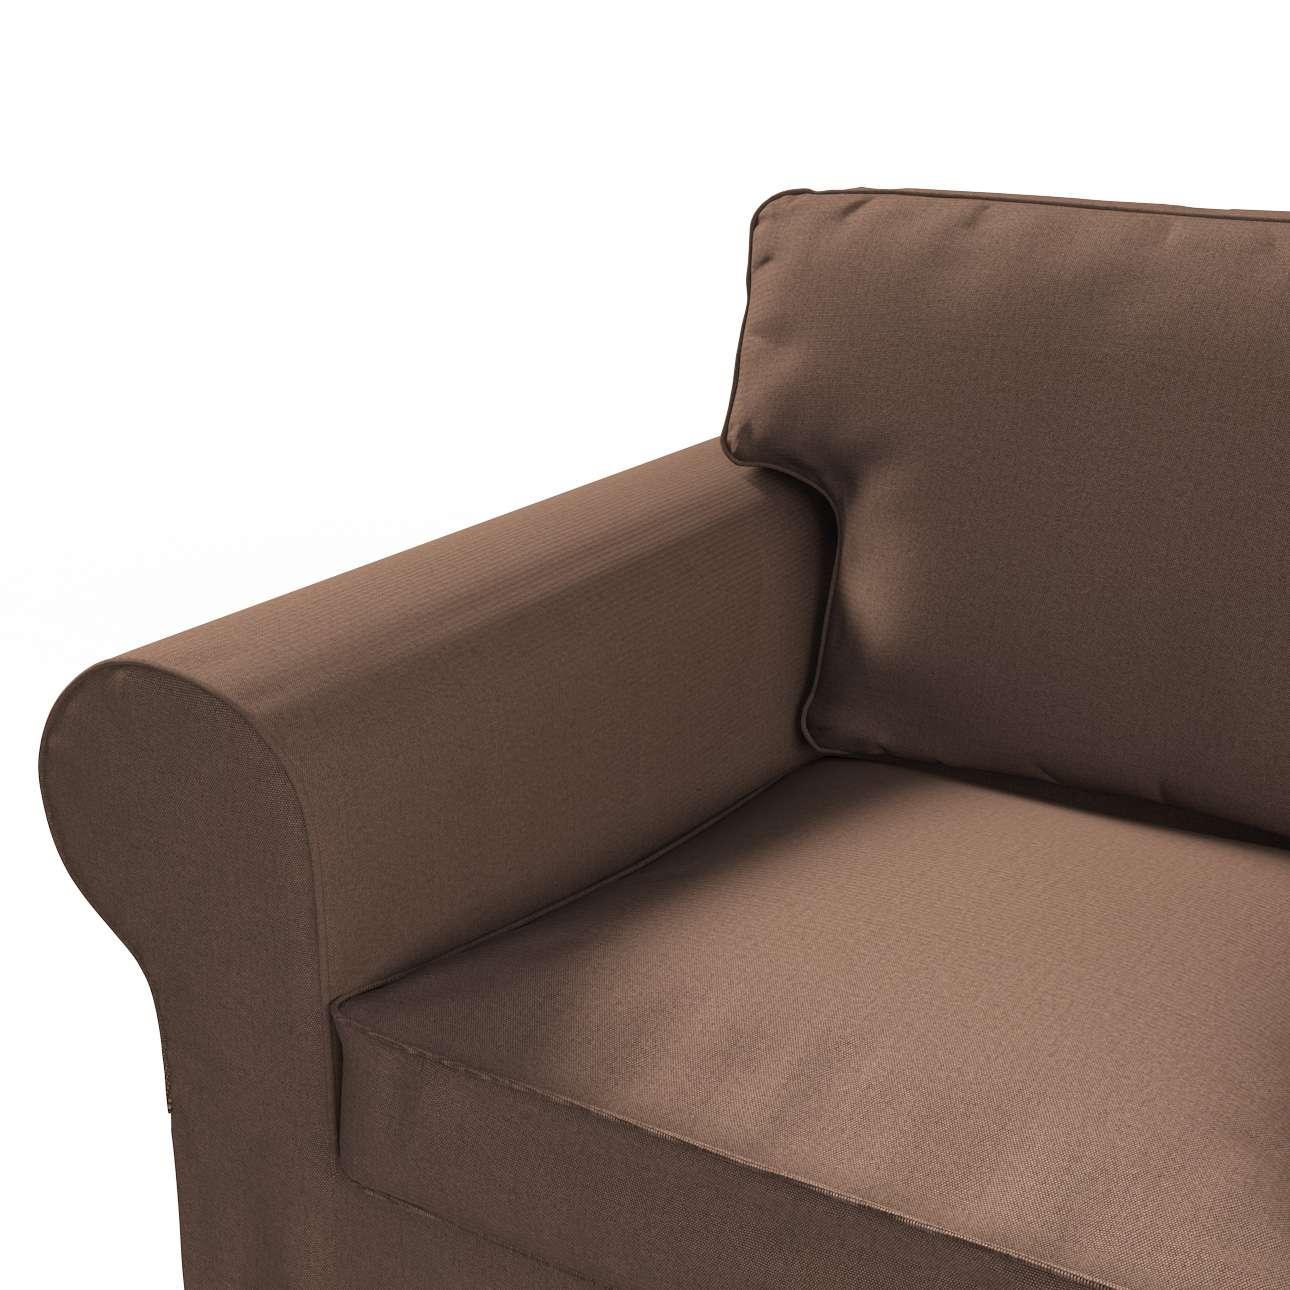 Ektorp 2-Sitzer Schlafsofabezug  NEUES Modell  Sofabezug für  Ektorp 2-Sitzer ausklappbar, neues Modell von der Kollektion Etna, Stoff: 705-08